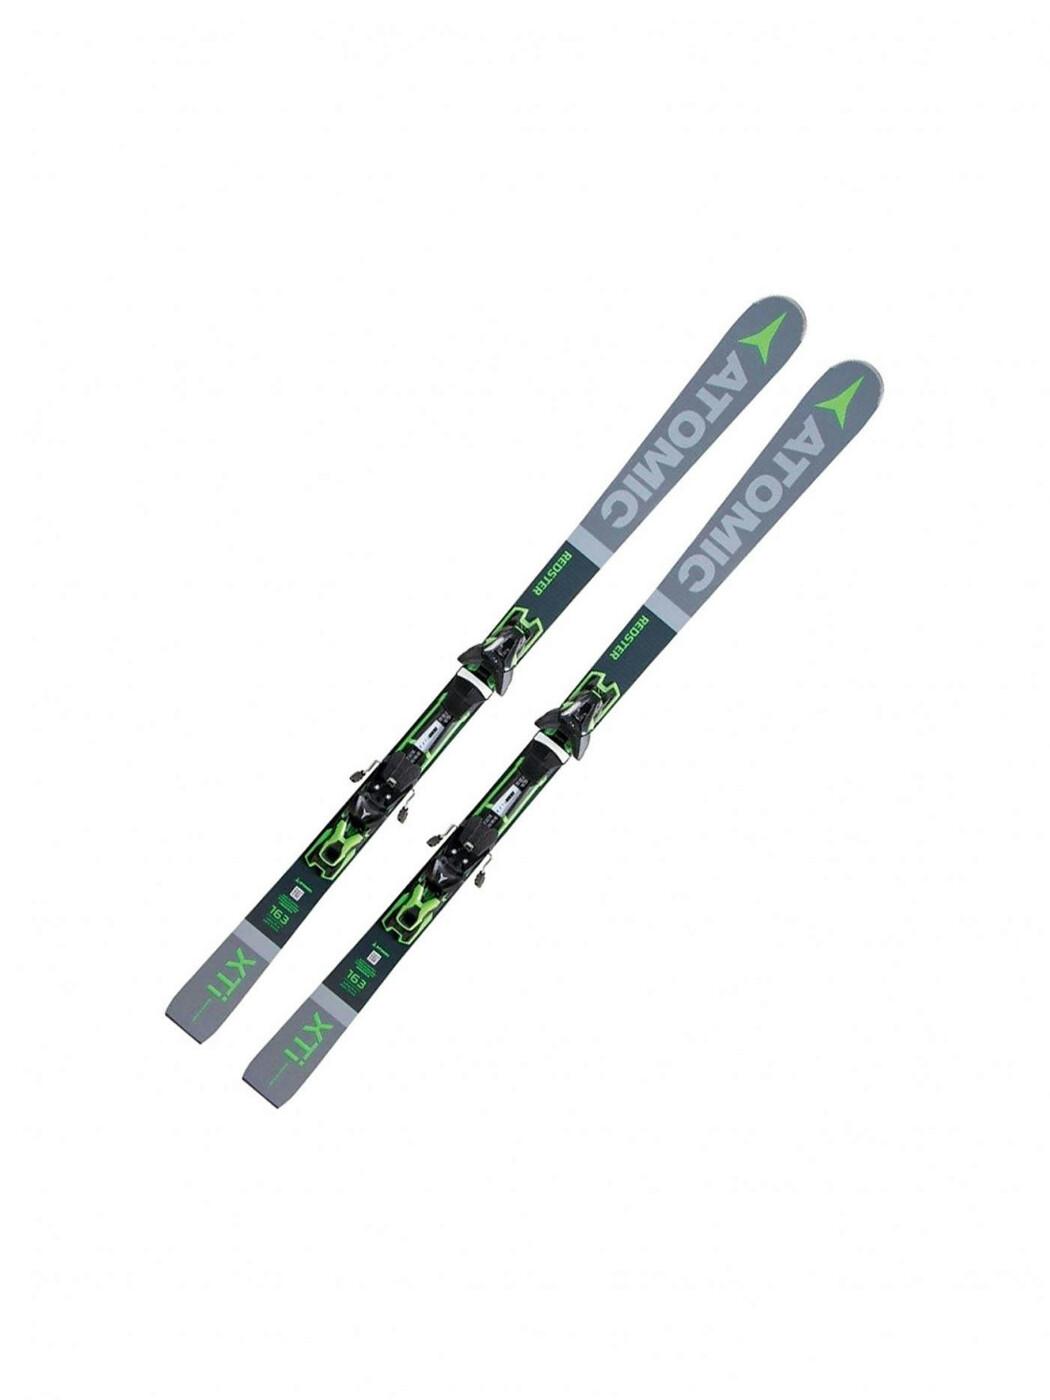 Ski REDSTER XTi GREY Atomic